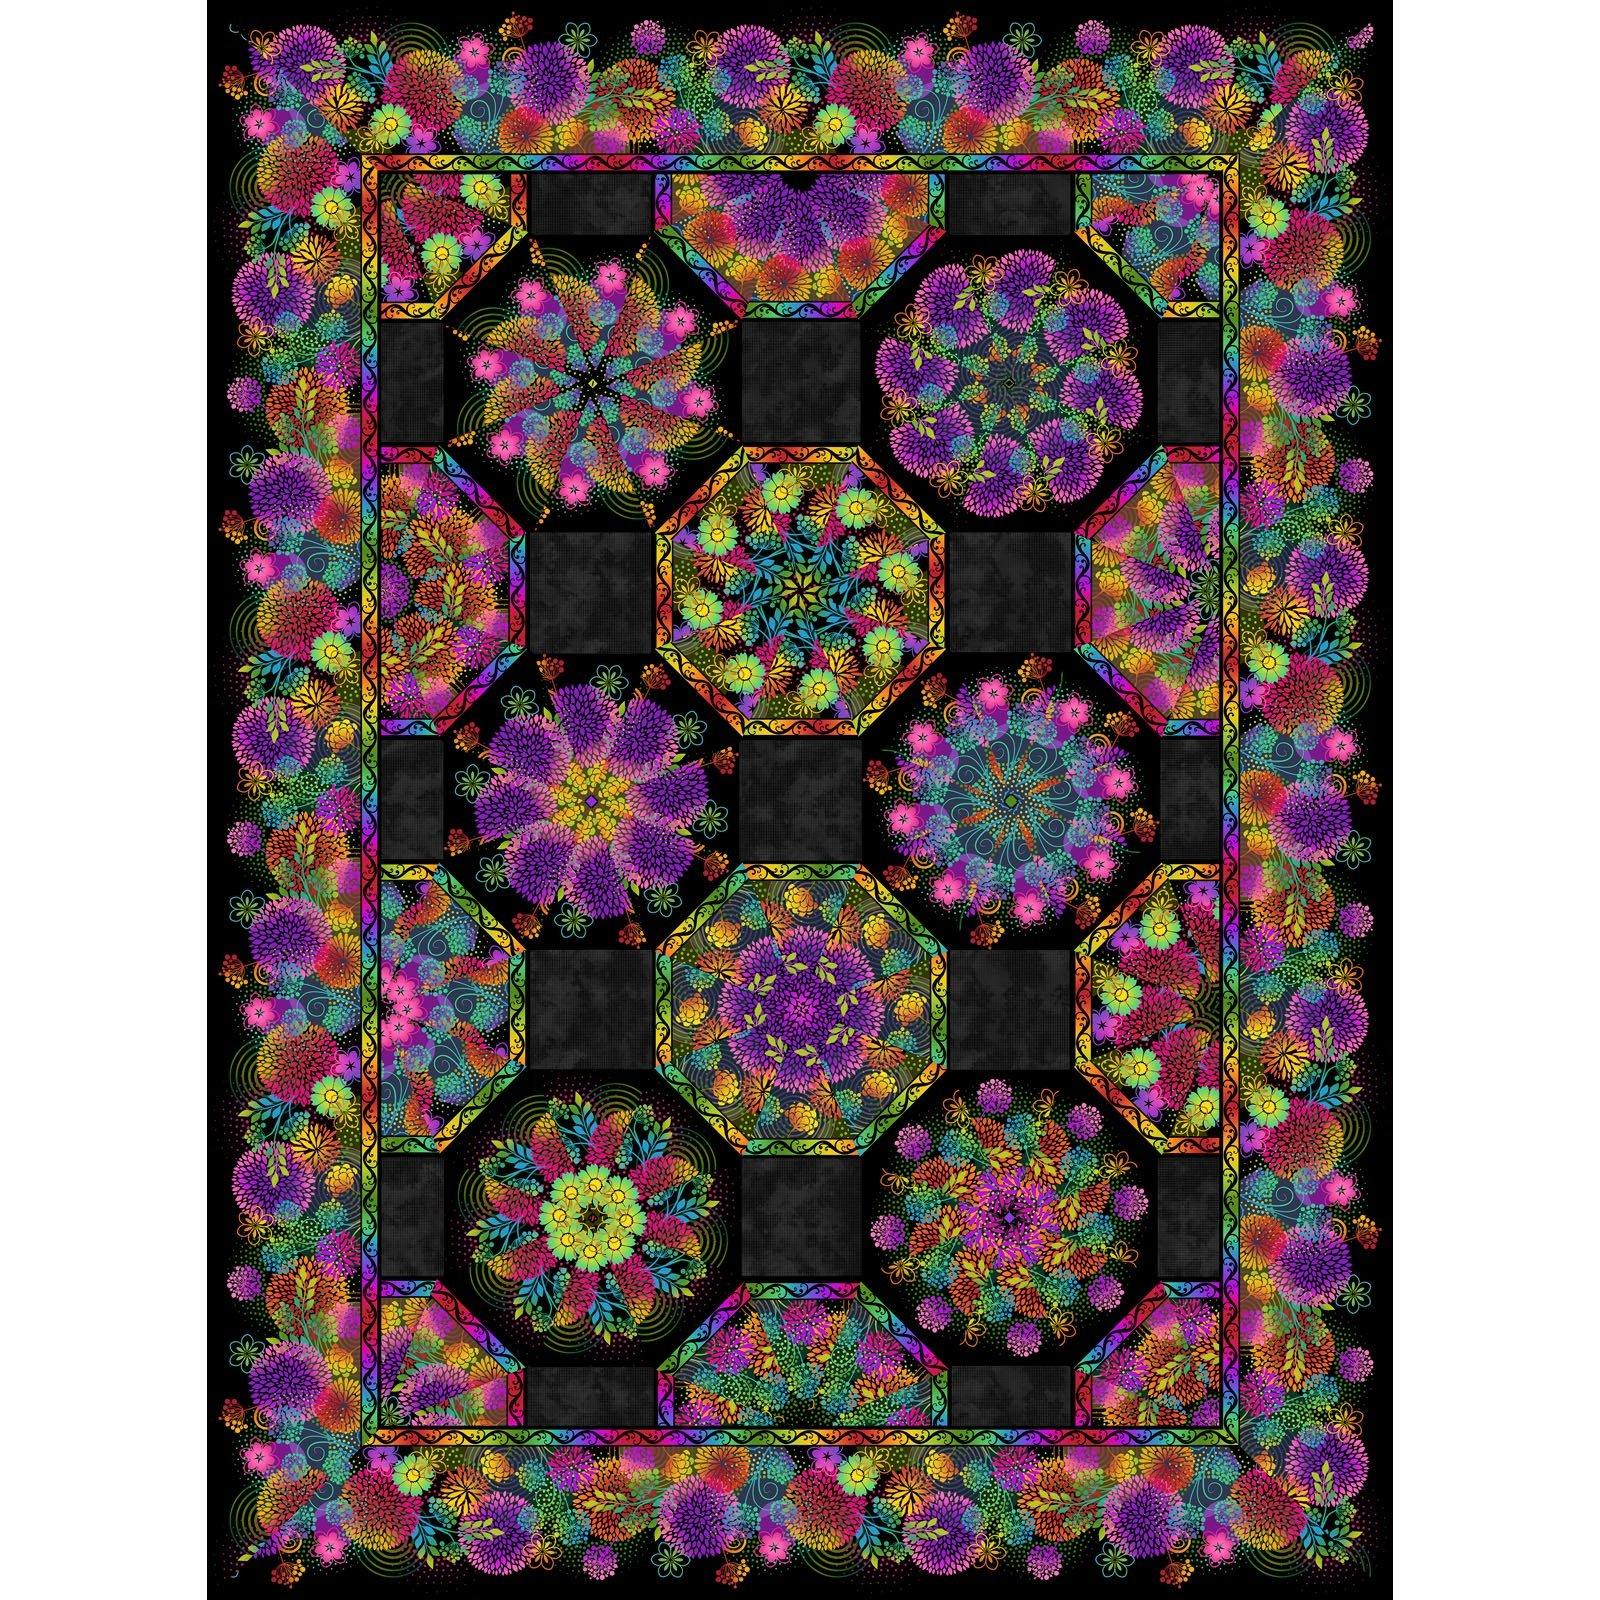 Unusual Garden II - One-Fabric Kaleidoscope Quilt